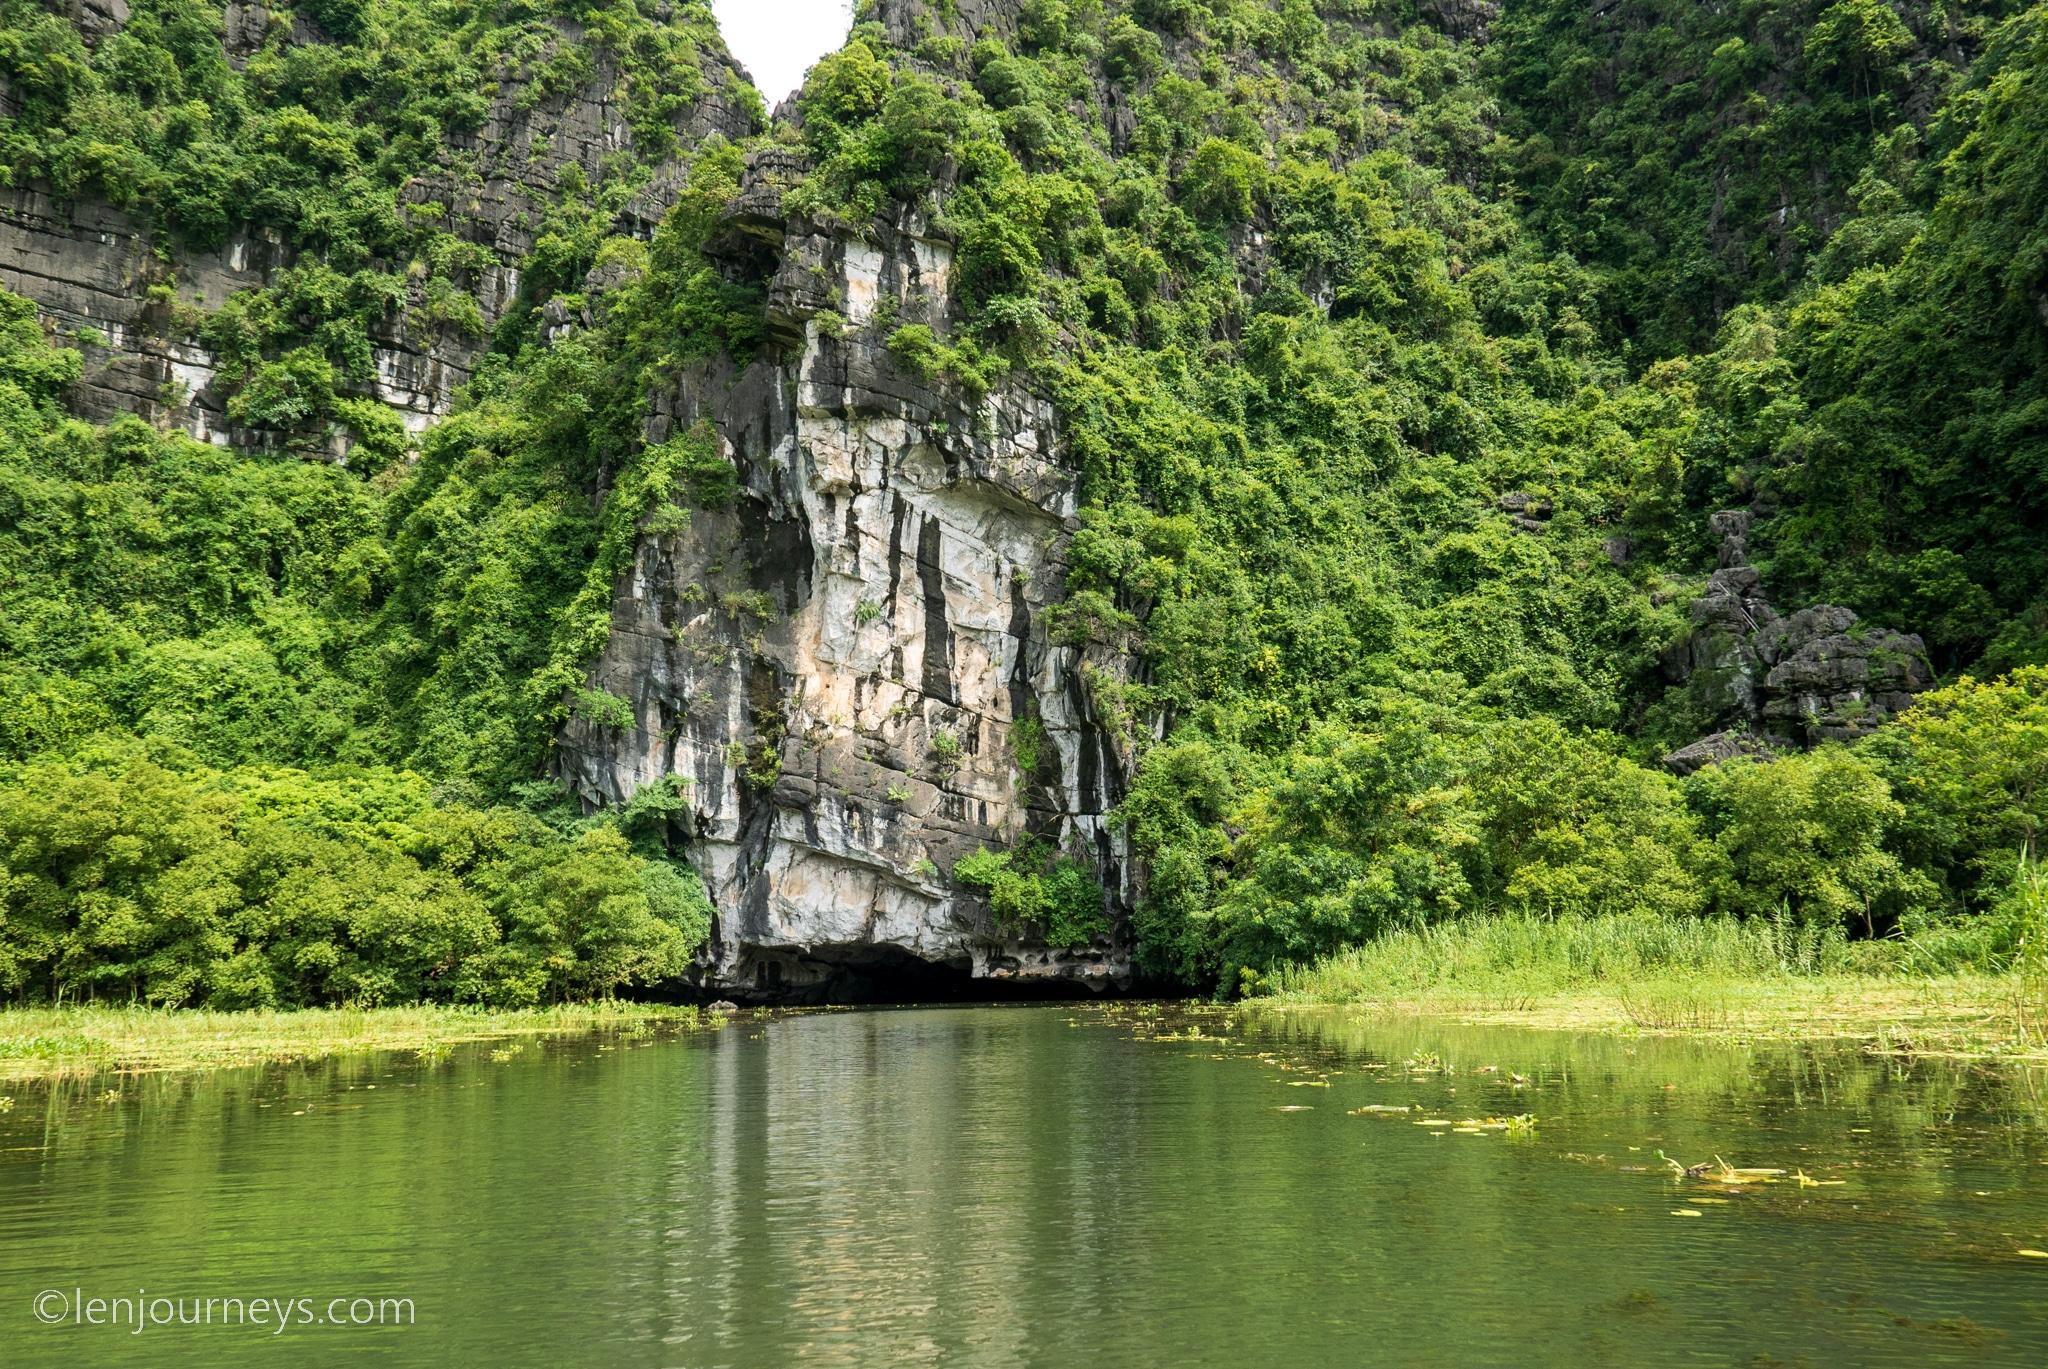 Grotto at Tam Coc, Ninh Binh